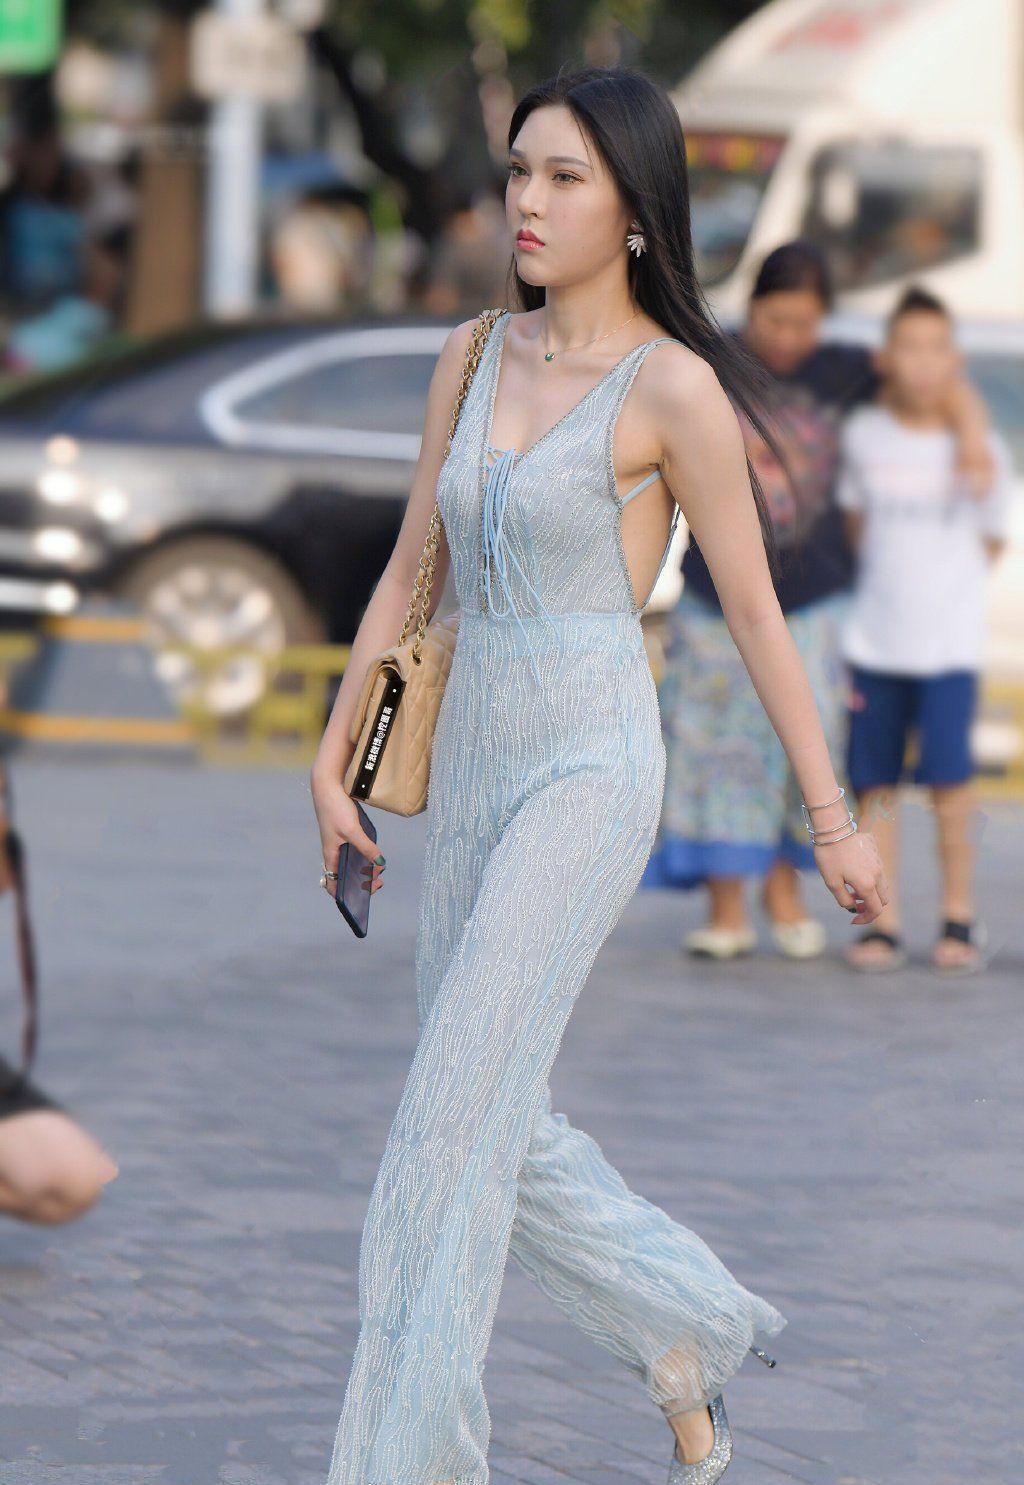 高跟鞋搭配素色连体衣,让成熟女人的气质彰显得格外突出